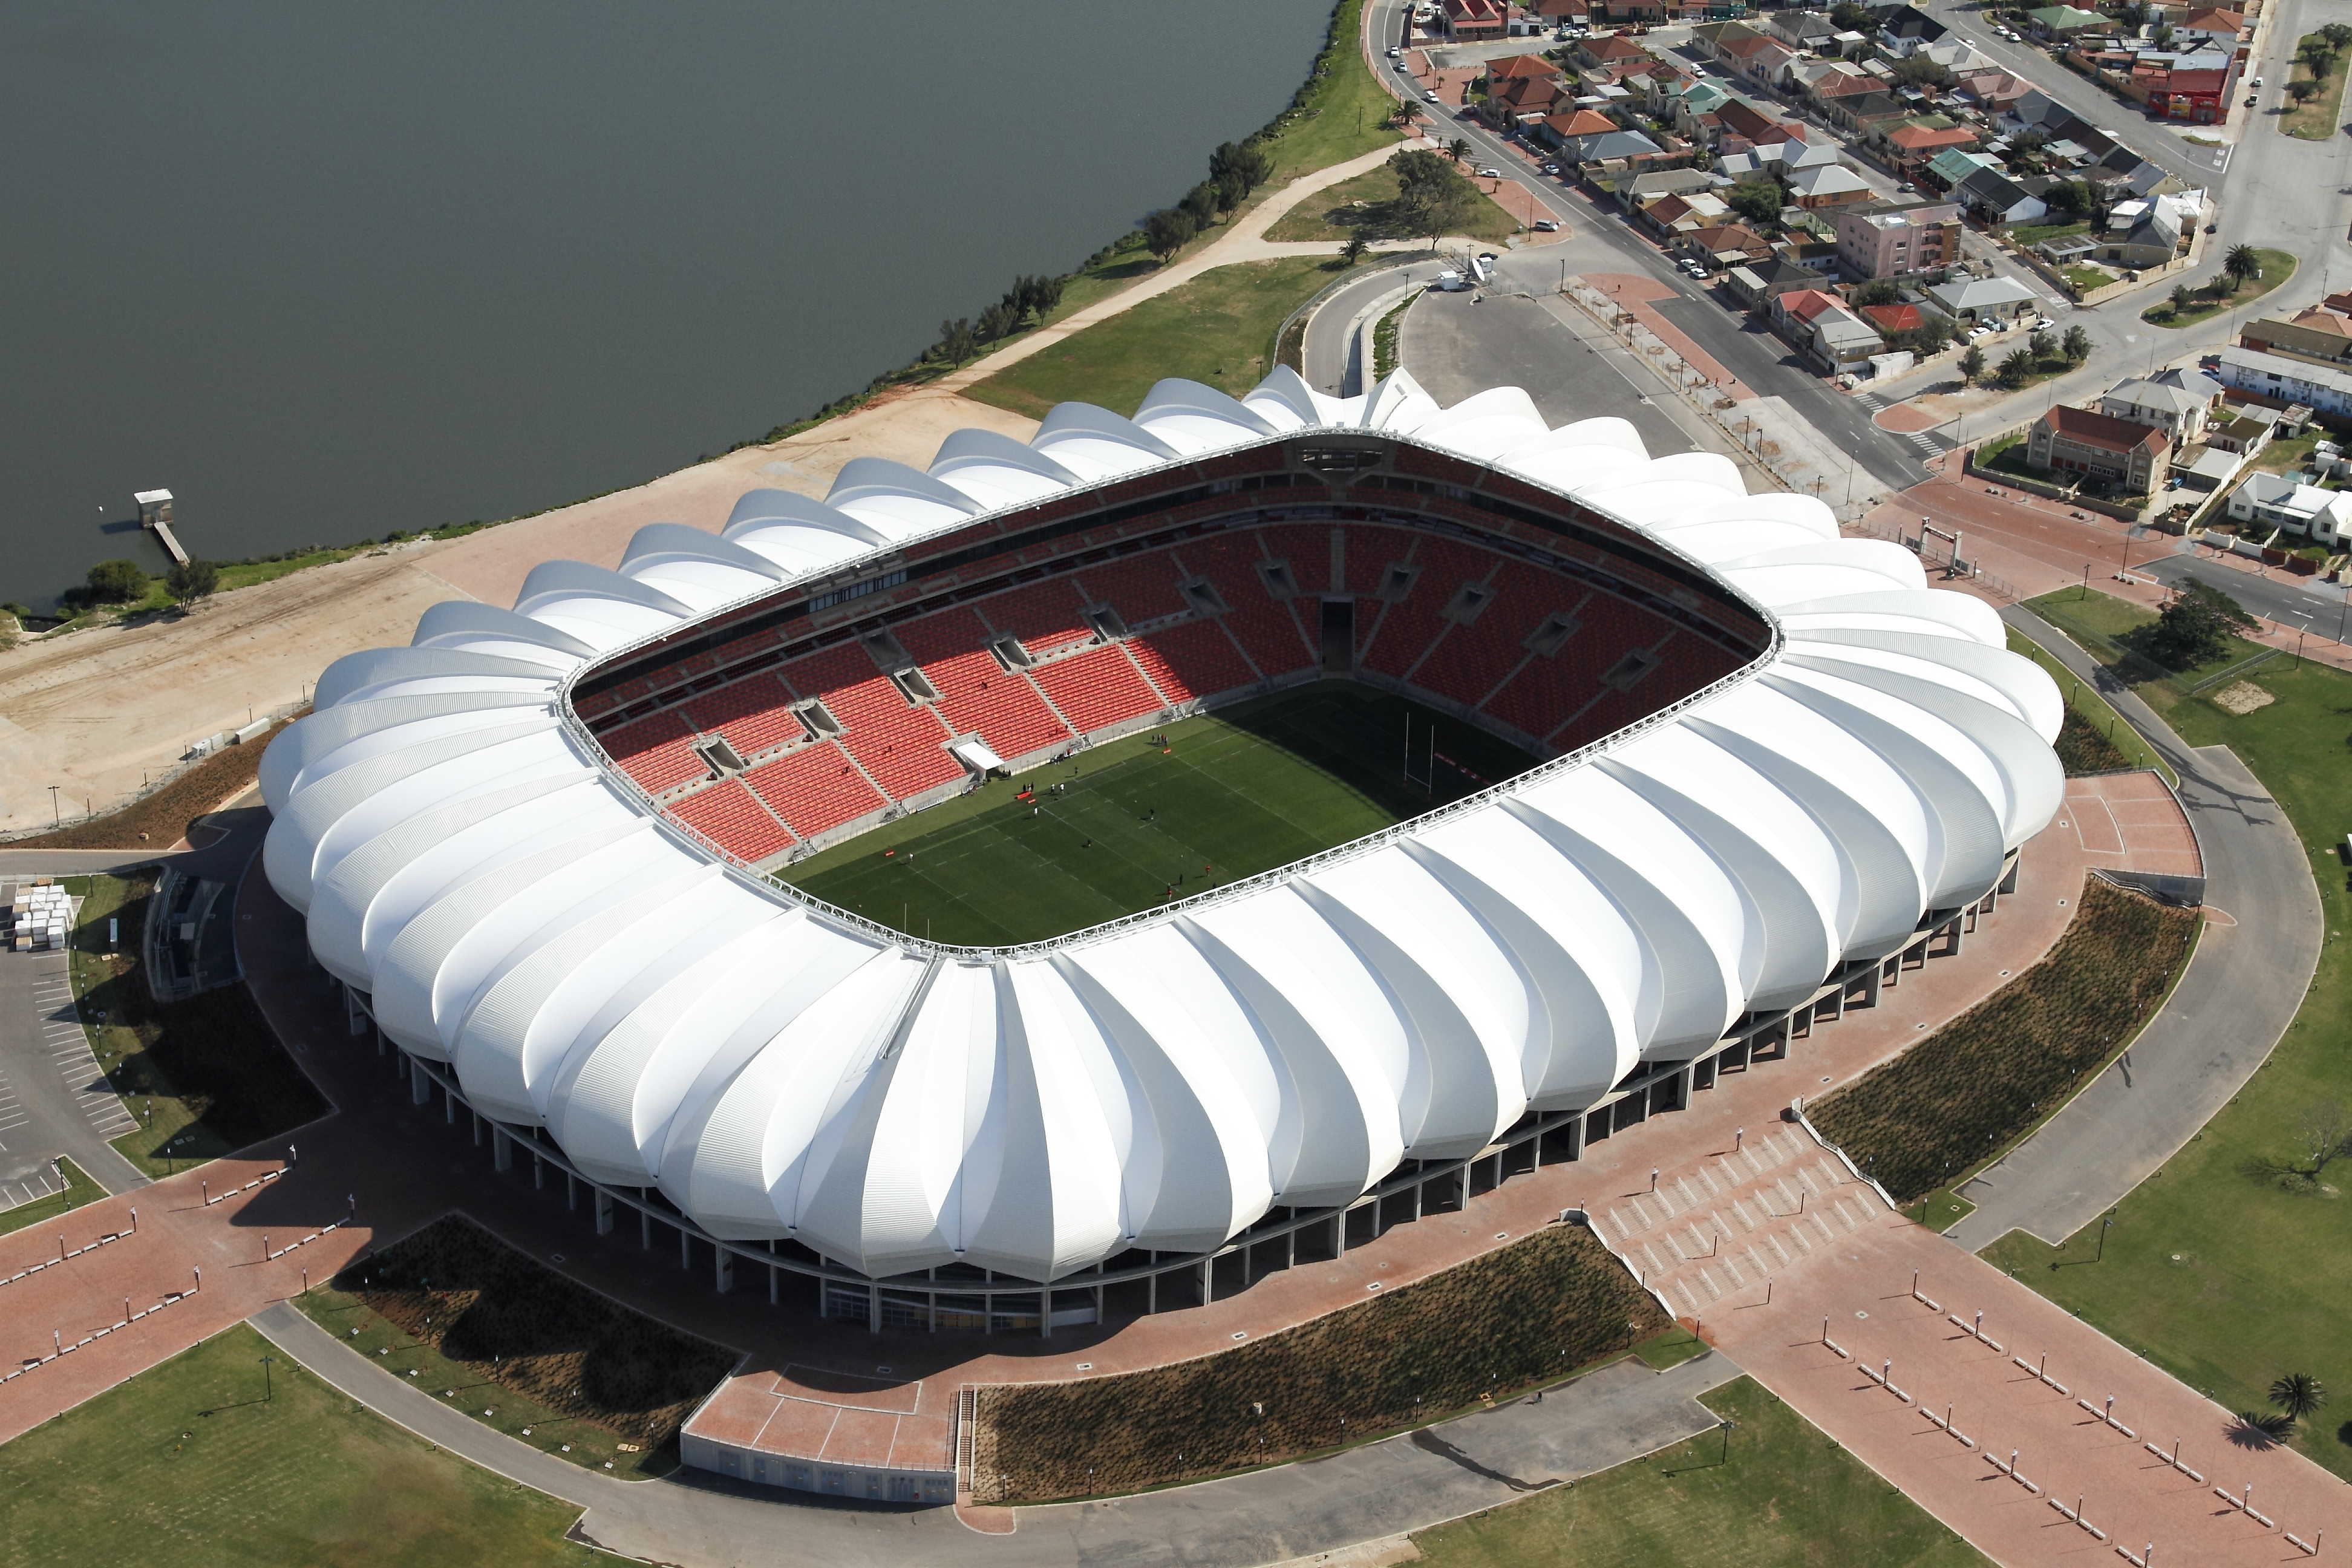 Nelson Mandela Bay Stadium The stadium is sometimes incorrectly called the 'nelson mandela stadium' in the media. nelson mandela bay stadium